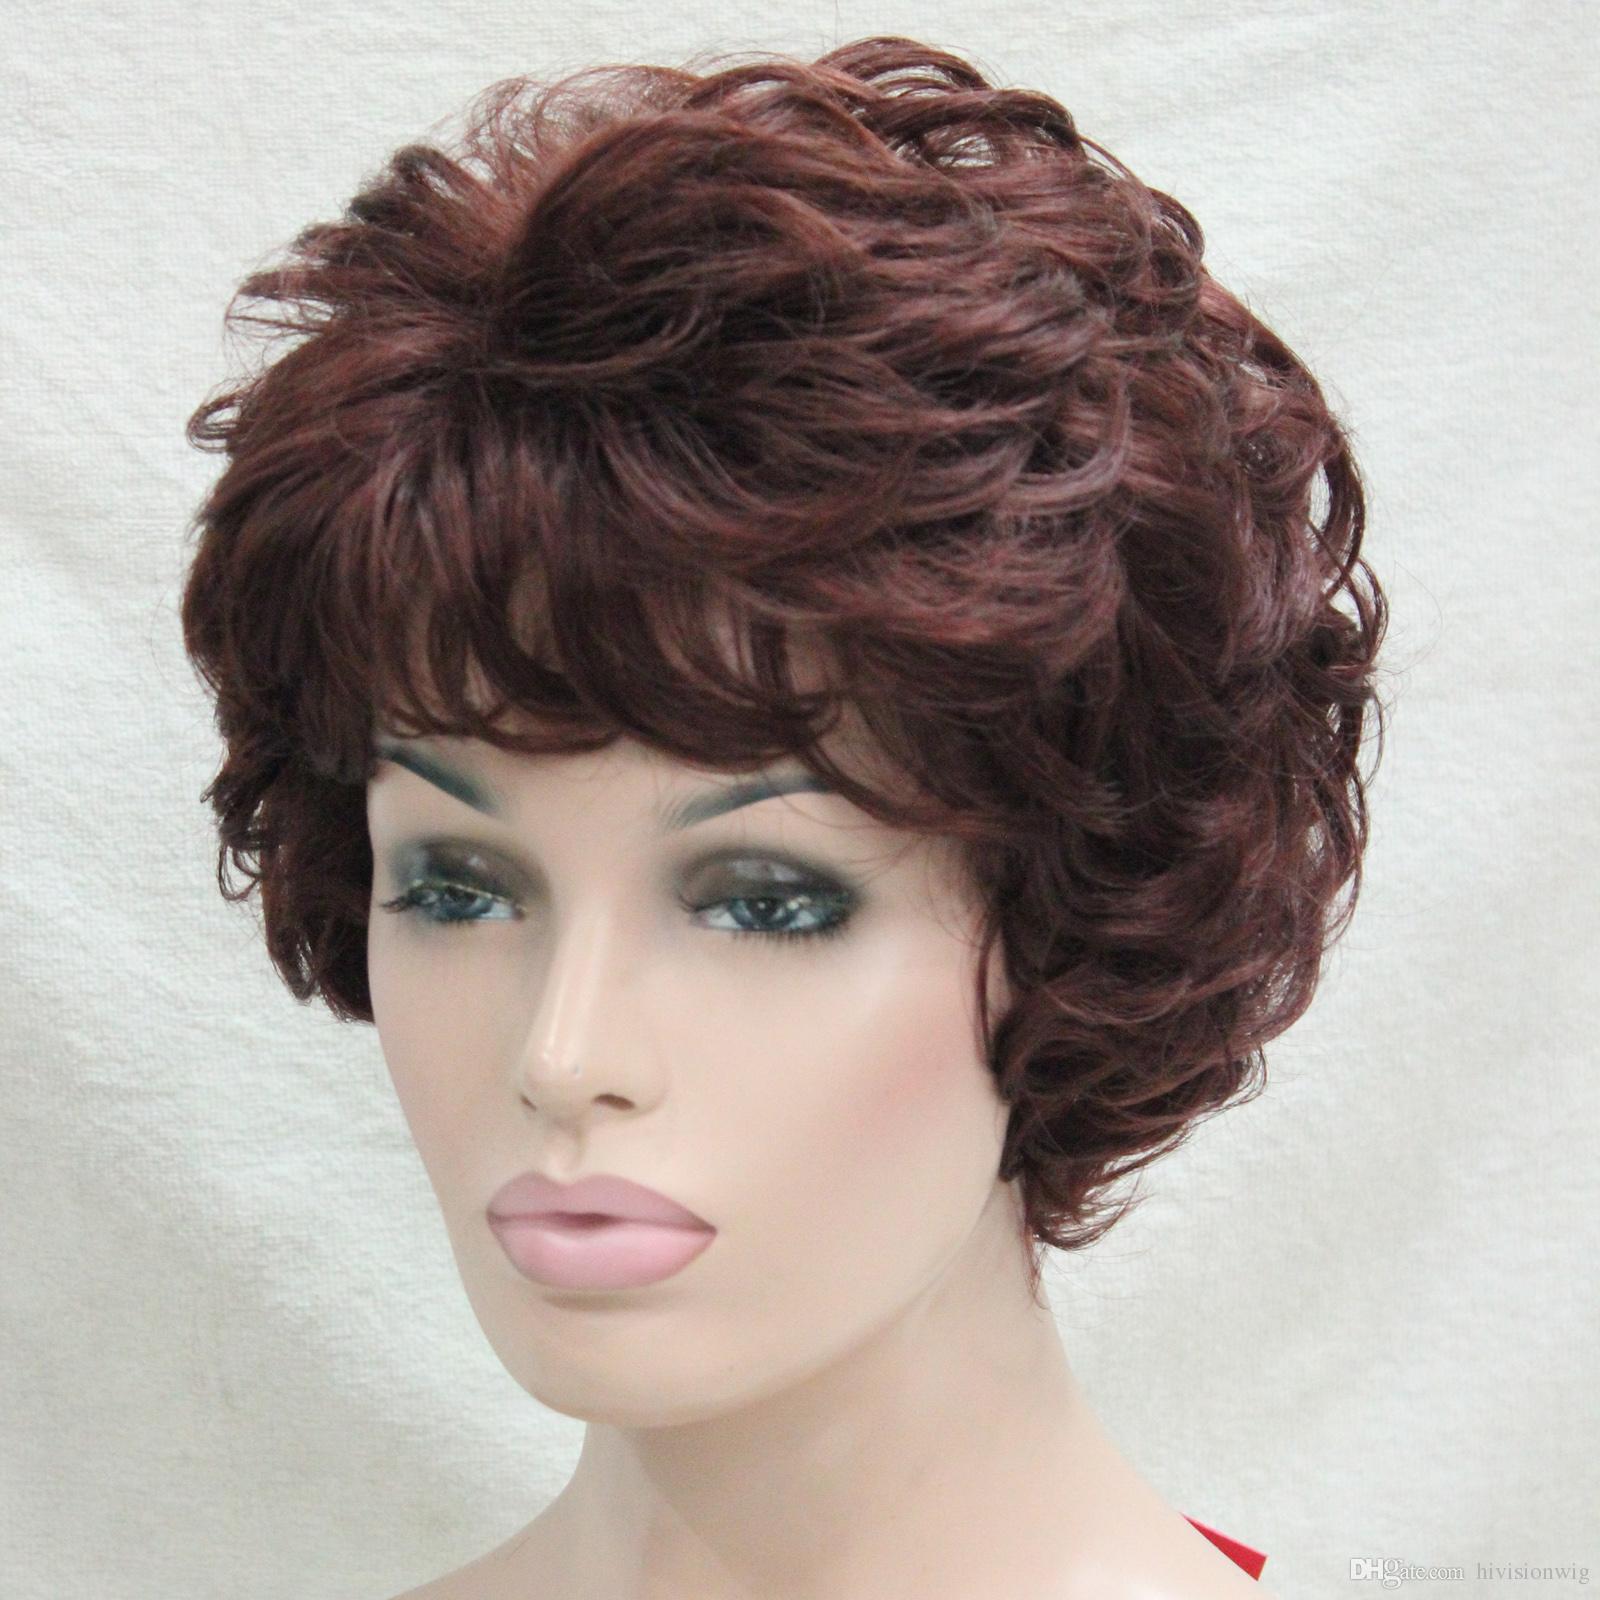 La parrucca corta ondulata delle donne ricce rosse auburn rosse di modo di nuova salute di modo 2017 per ogni parrucca di giorno